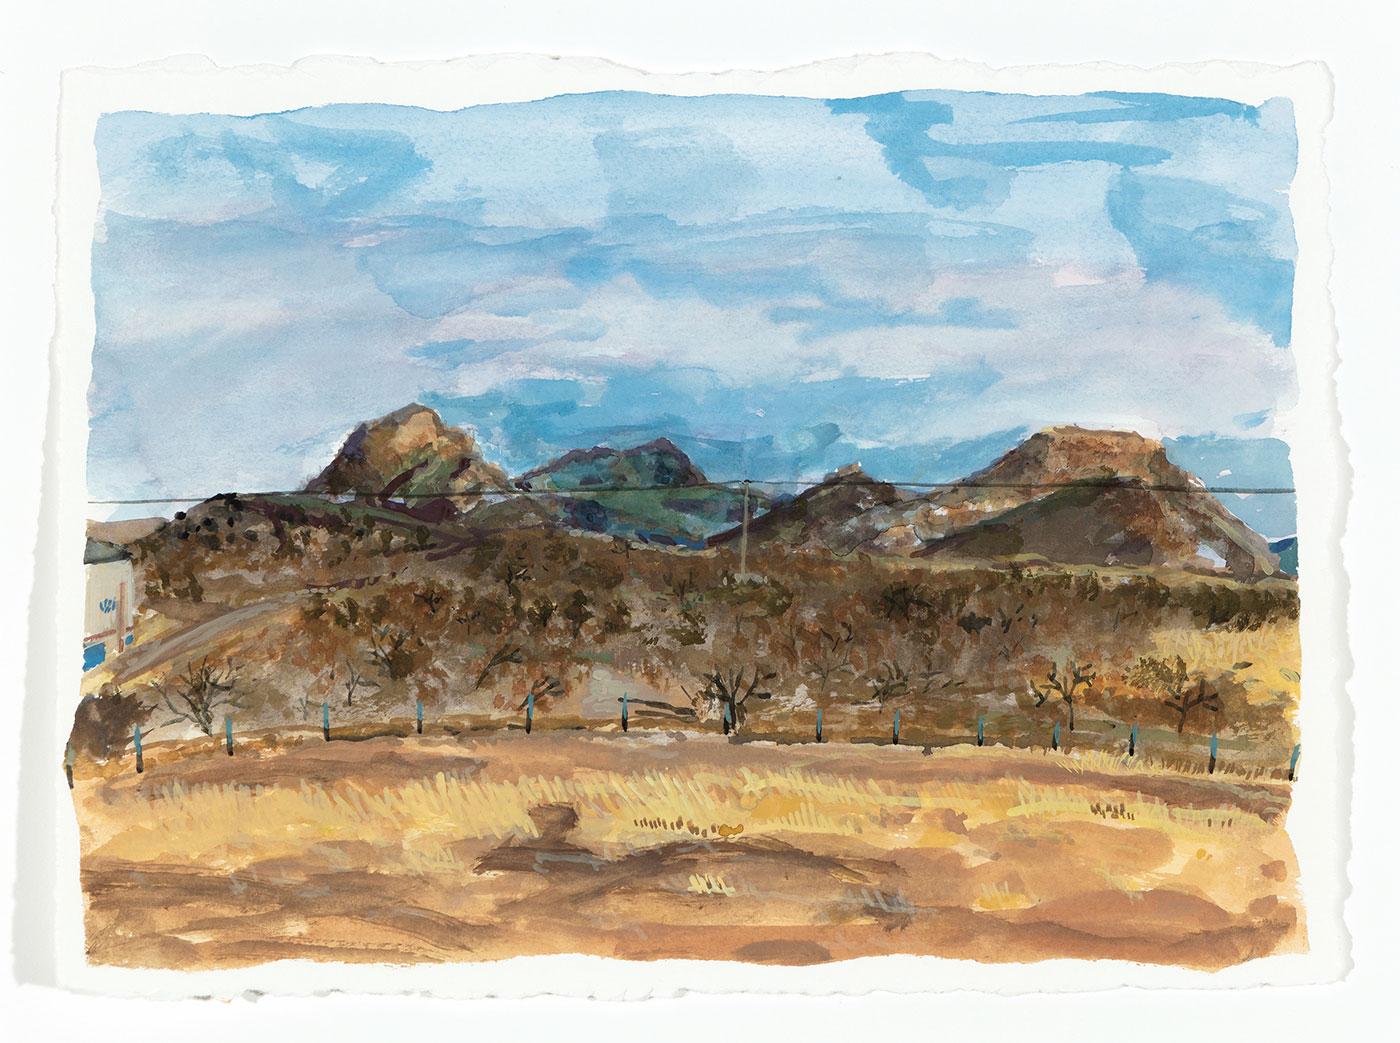 Nicolás González - El Campo, los Cerros y la Corona (The Field, the Mountains and the Corona)